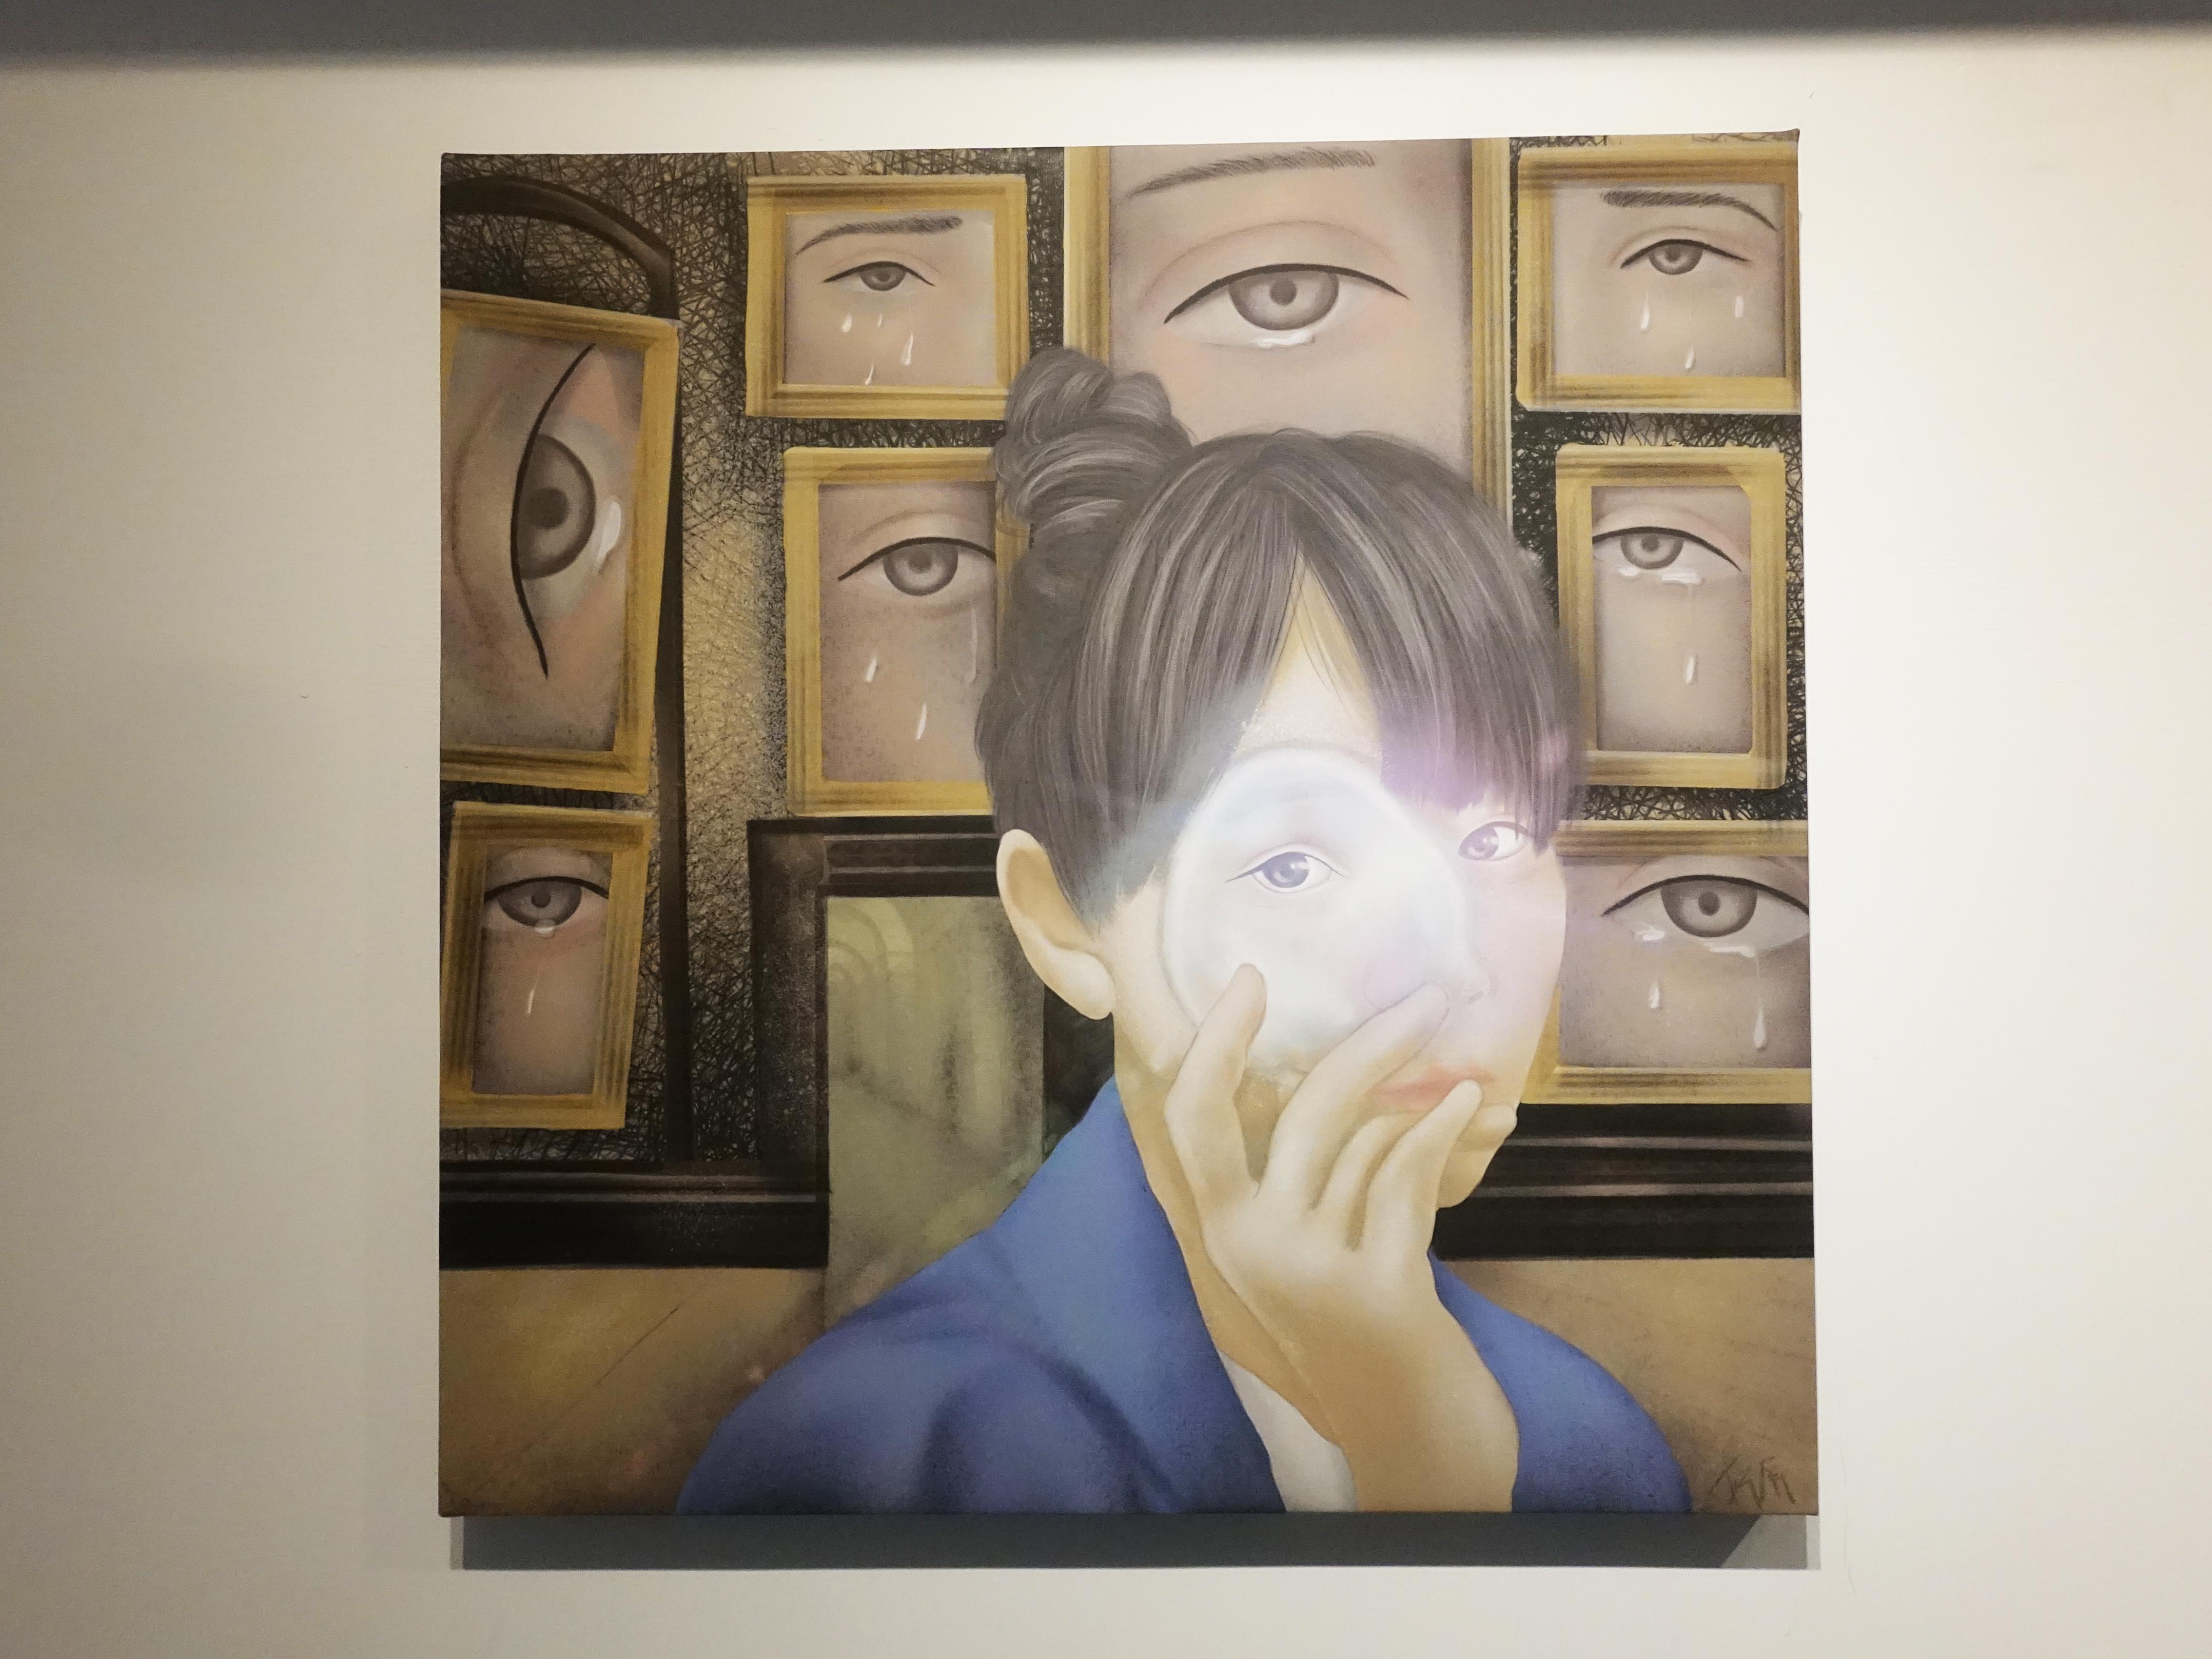 連師屏,《不存在的悲傷》,數位繪圖,50 x 50 cm 1/10,2019。